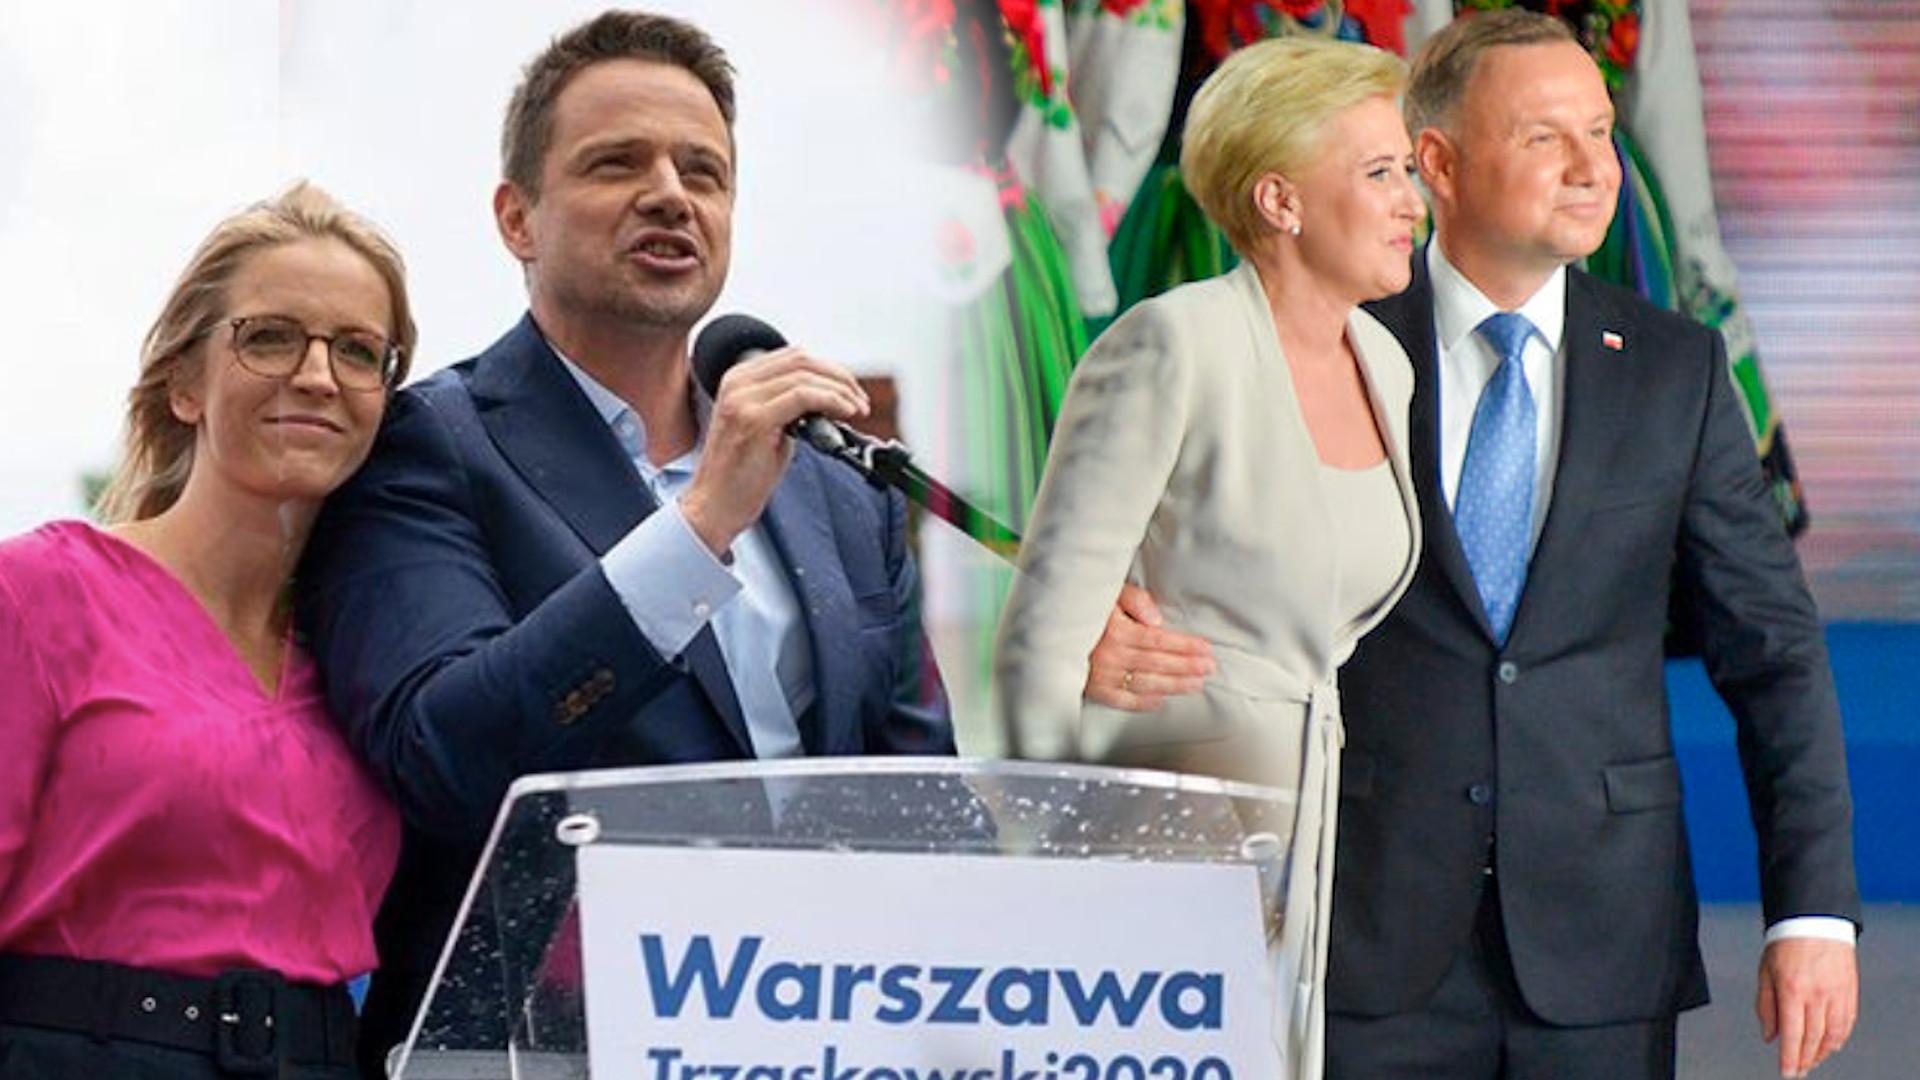 Pierwsze damy oczami Polaków. Duda czy Trzaskowska? #kozackiepytania (WIDEO)